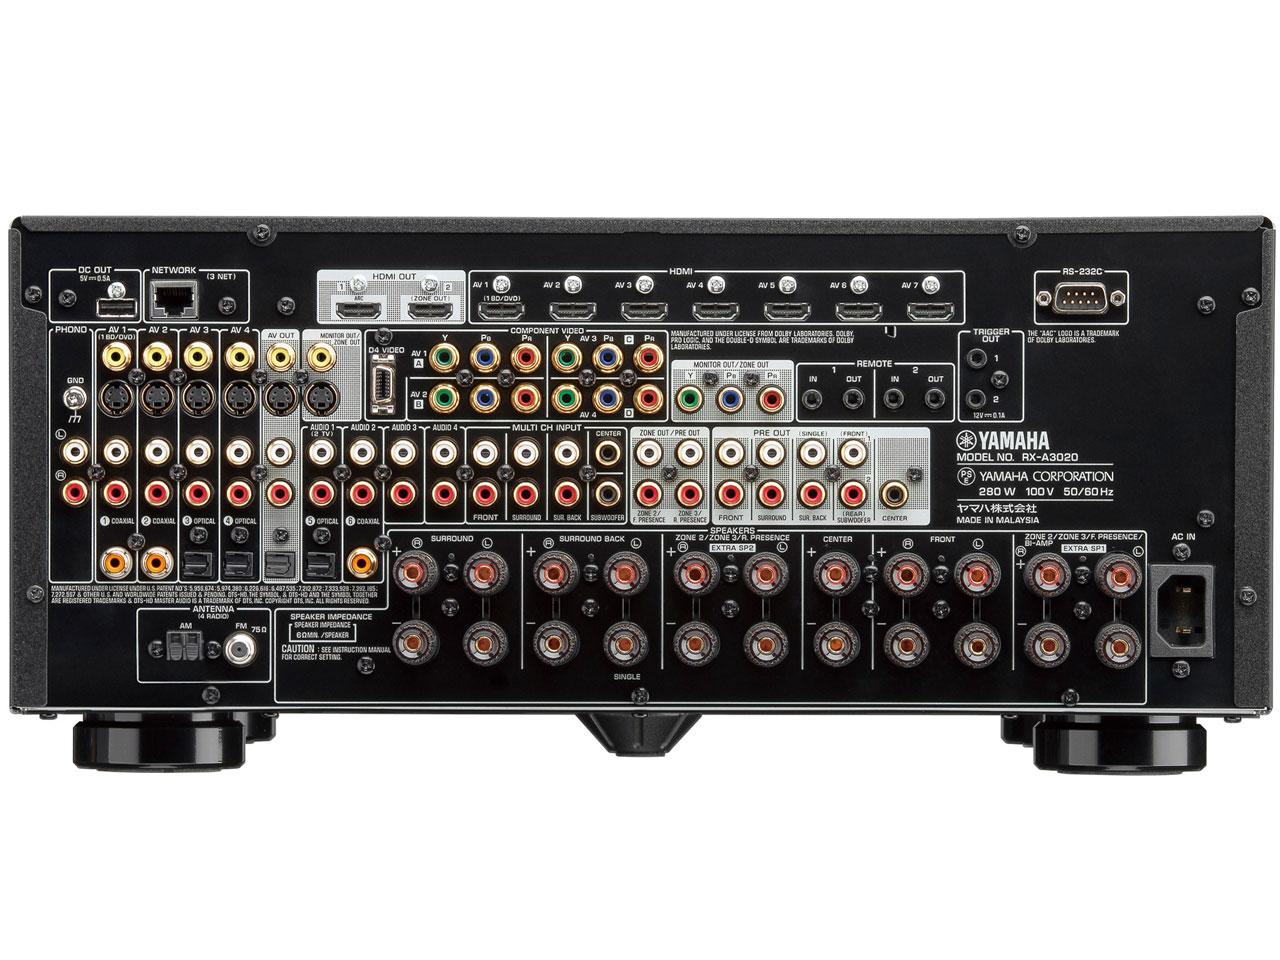 『本体 背面』 AVENTAGE RX-A3020(B) [ブラック] の製品画像